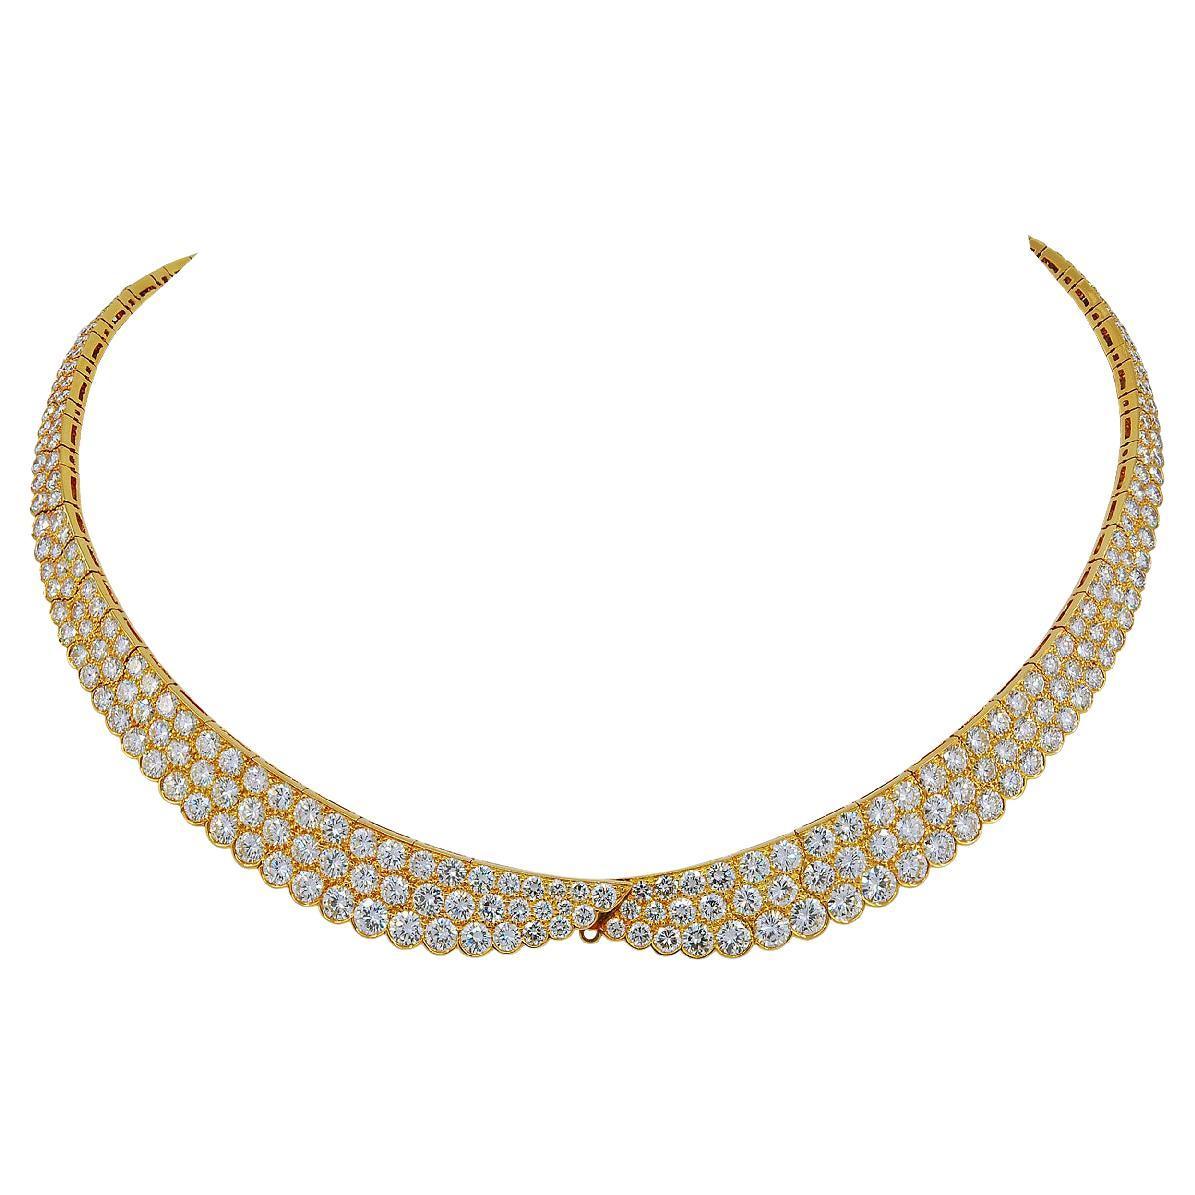 Van Cleef & Arpels Diamond Gold Necklace